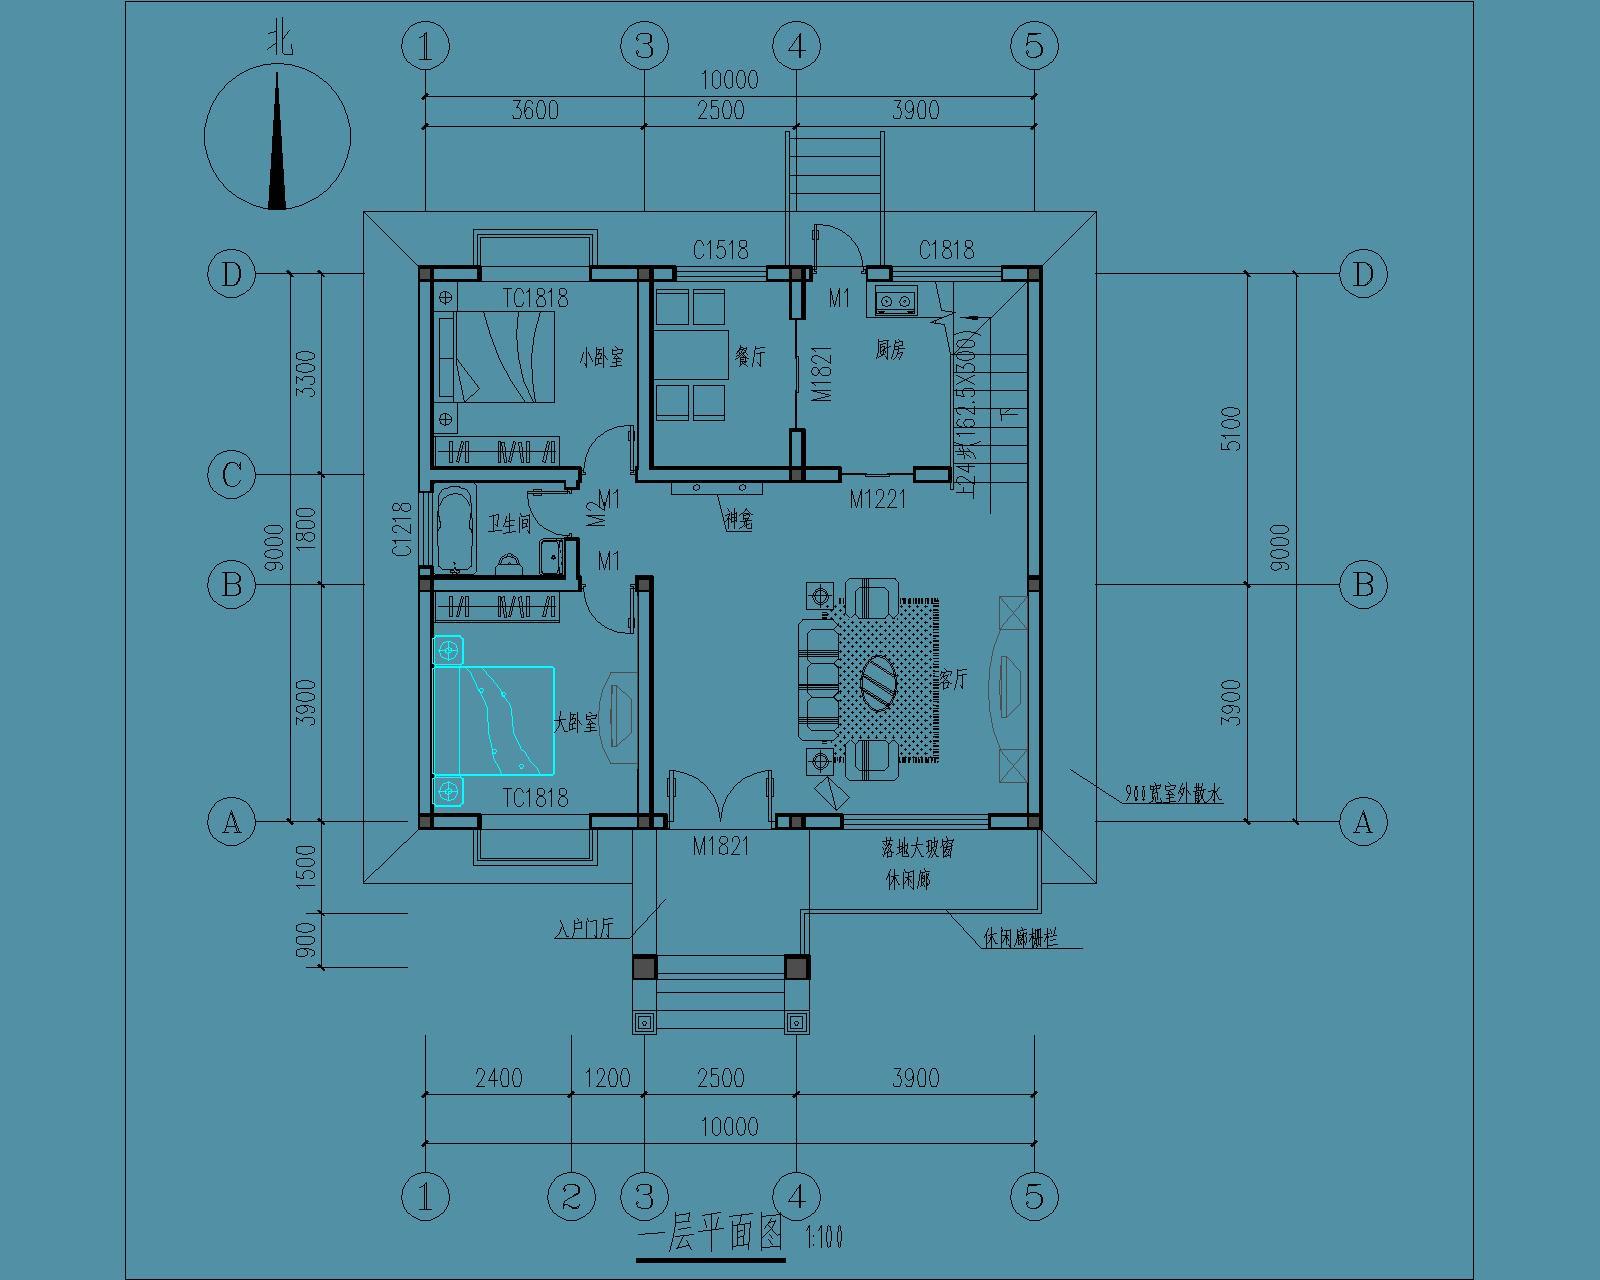 层高设计在3.5米就好了,最好能有前后左右的视角图.谢谢. 展开图片